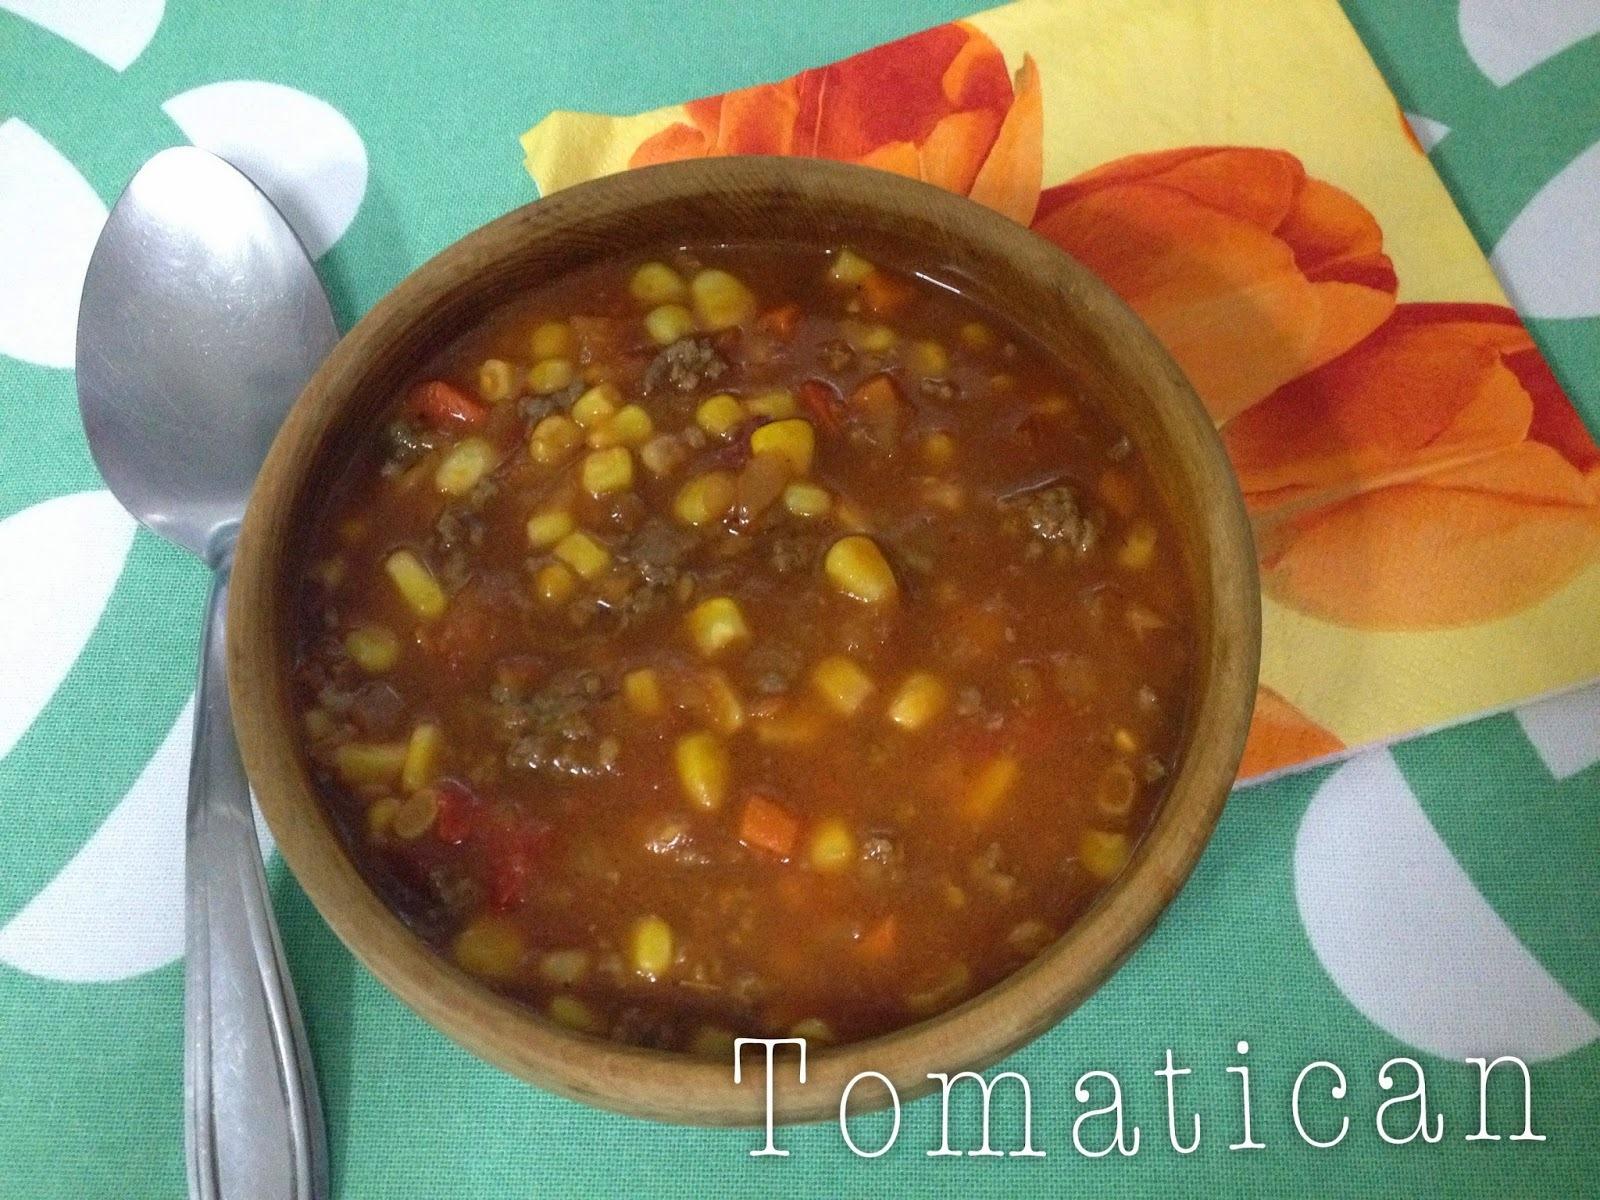 Tomatican: Un plato rico y olvidado